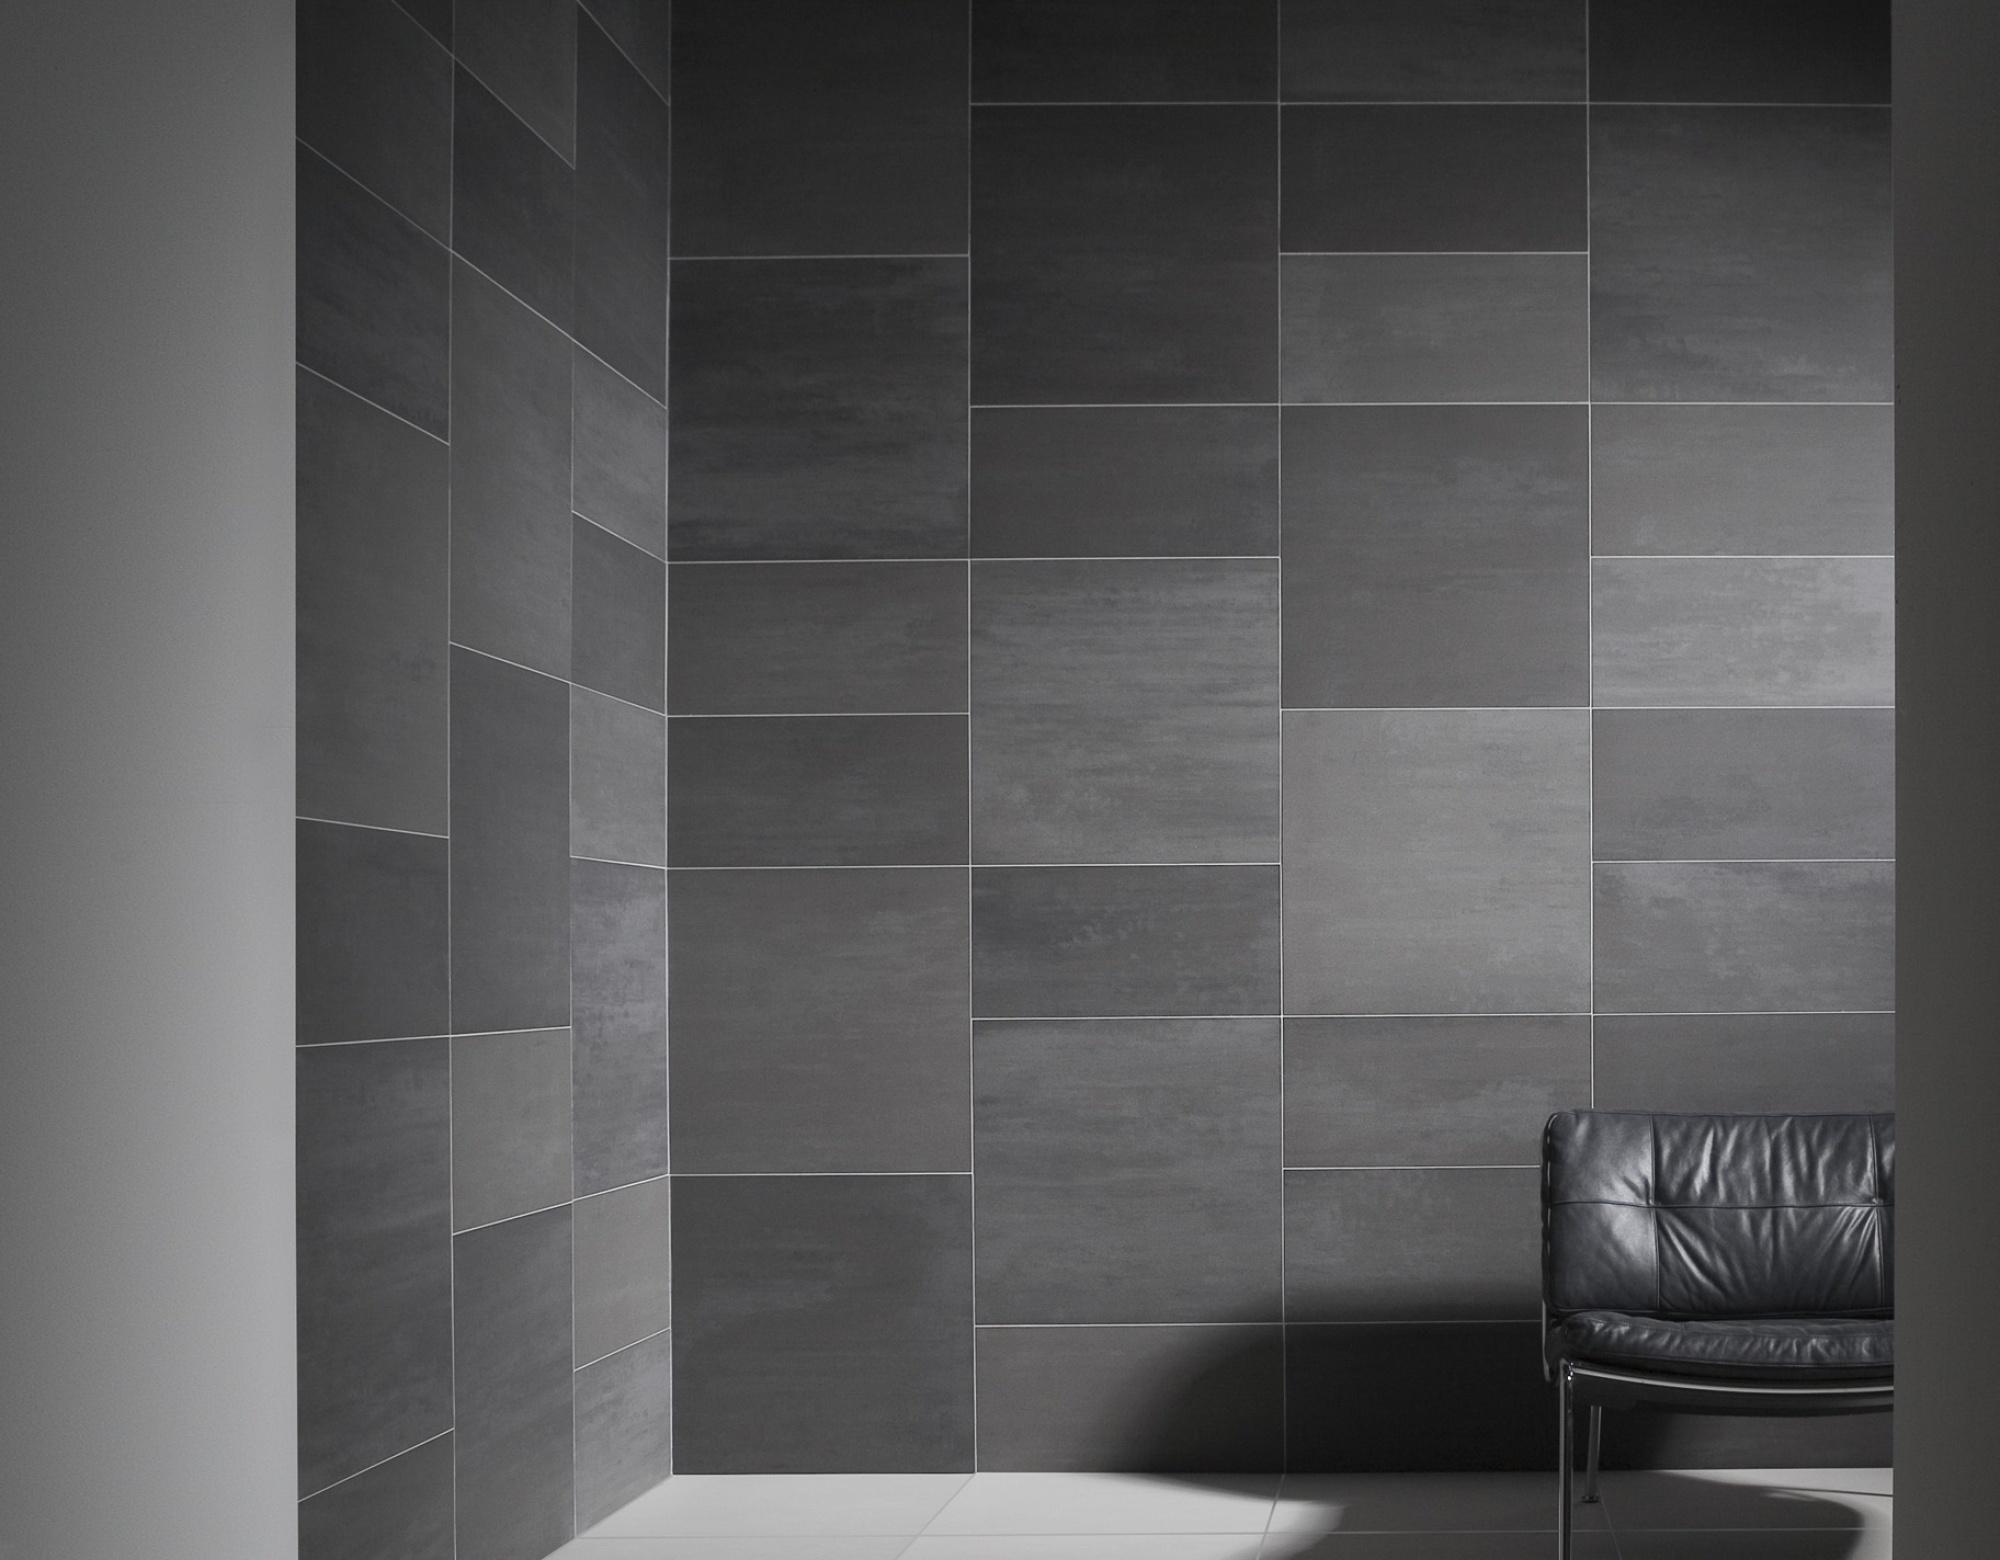 Mosa Tegels Kopen : Wandtegels u e mosa tegels